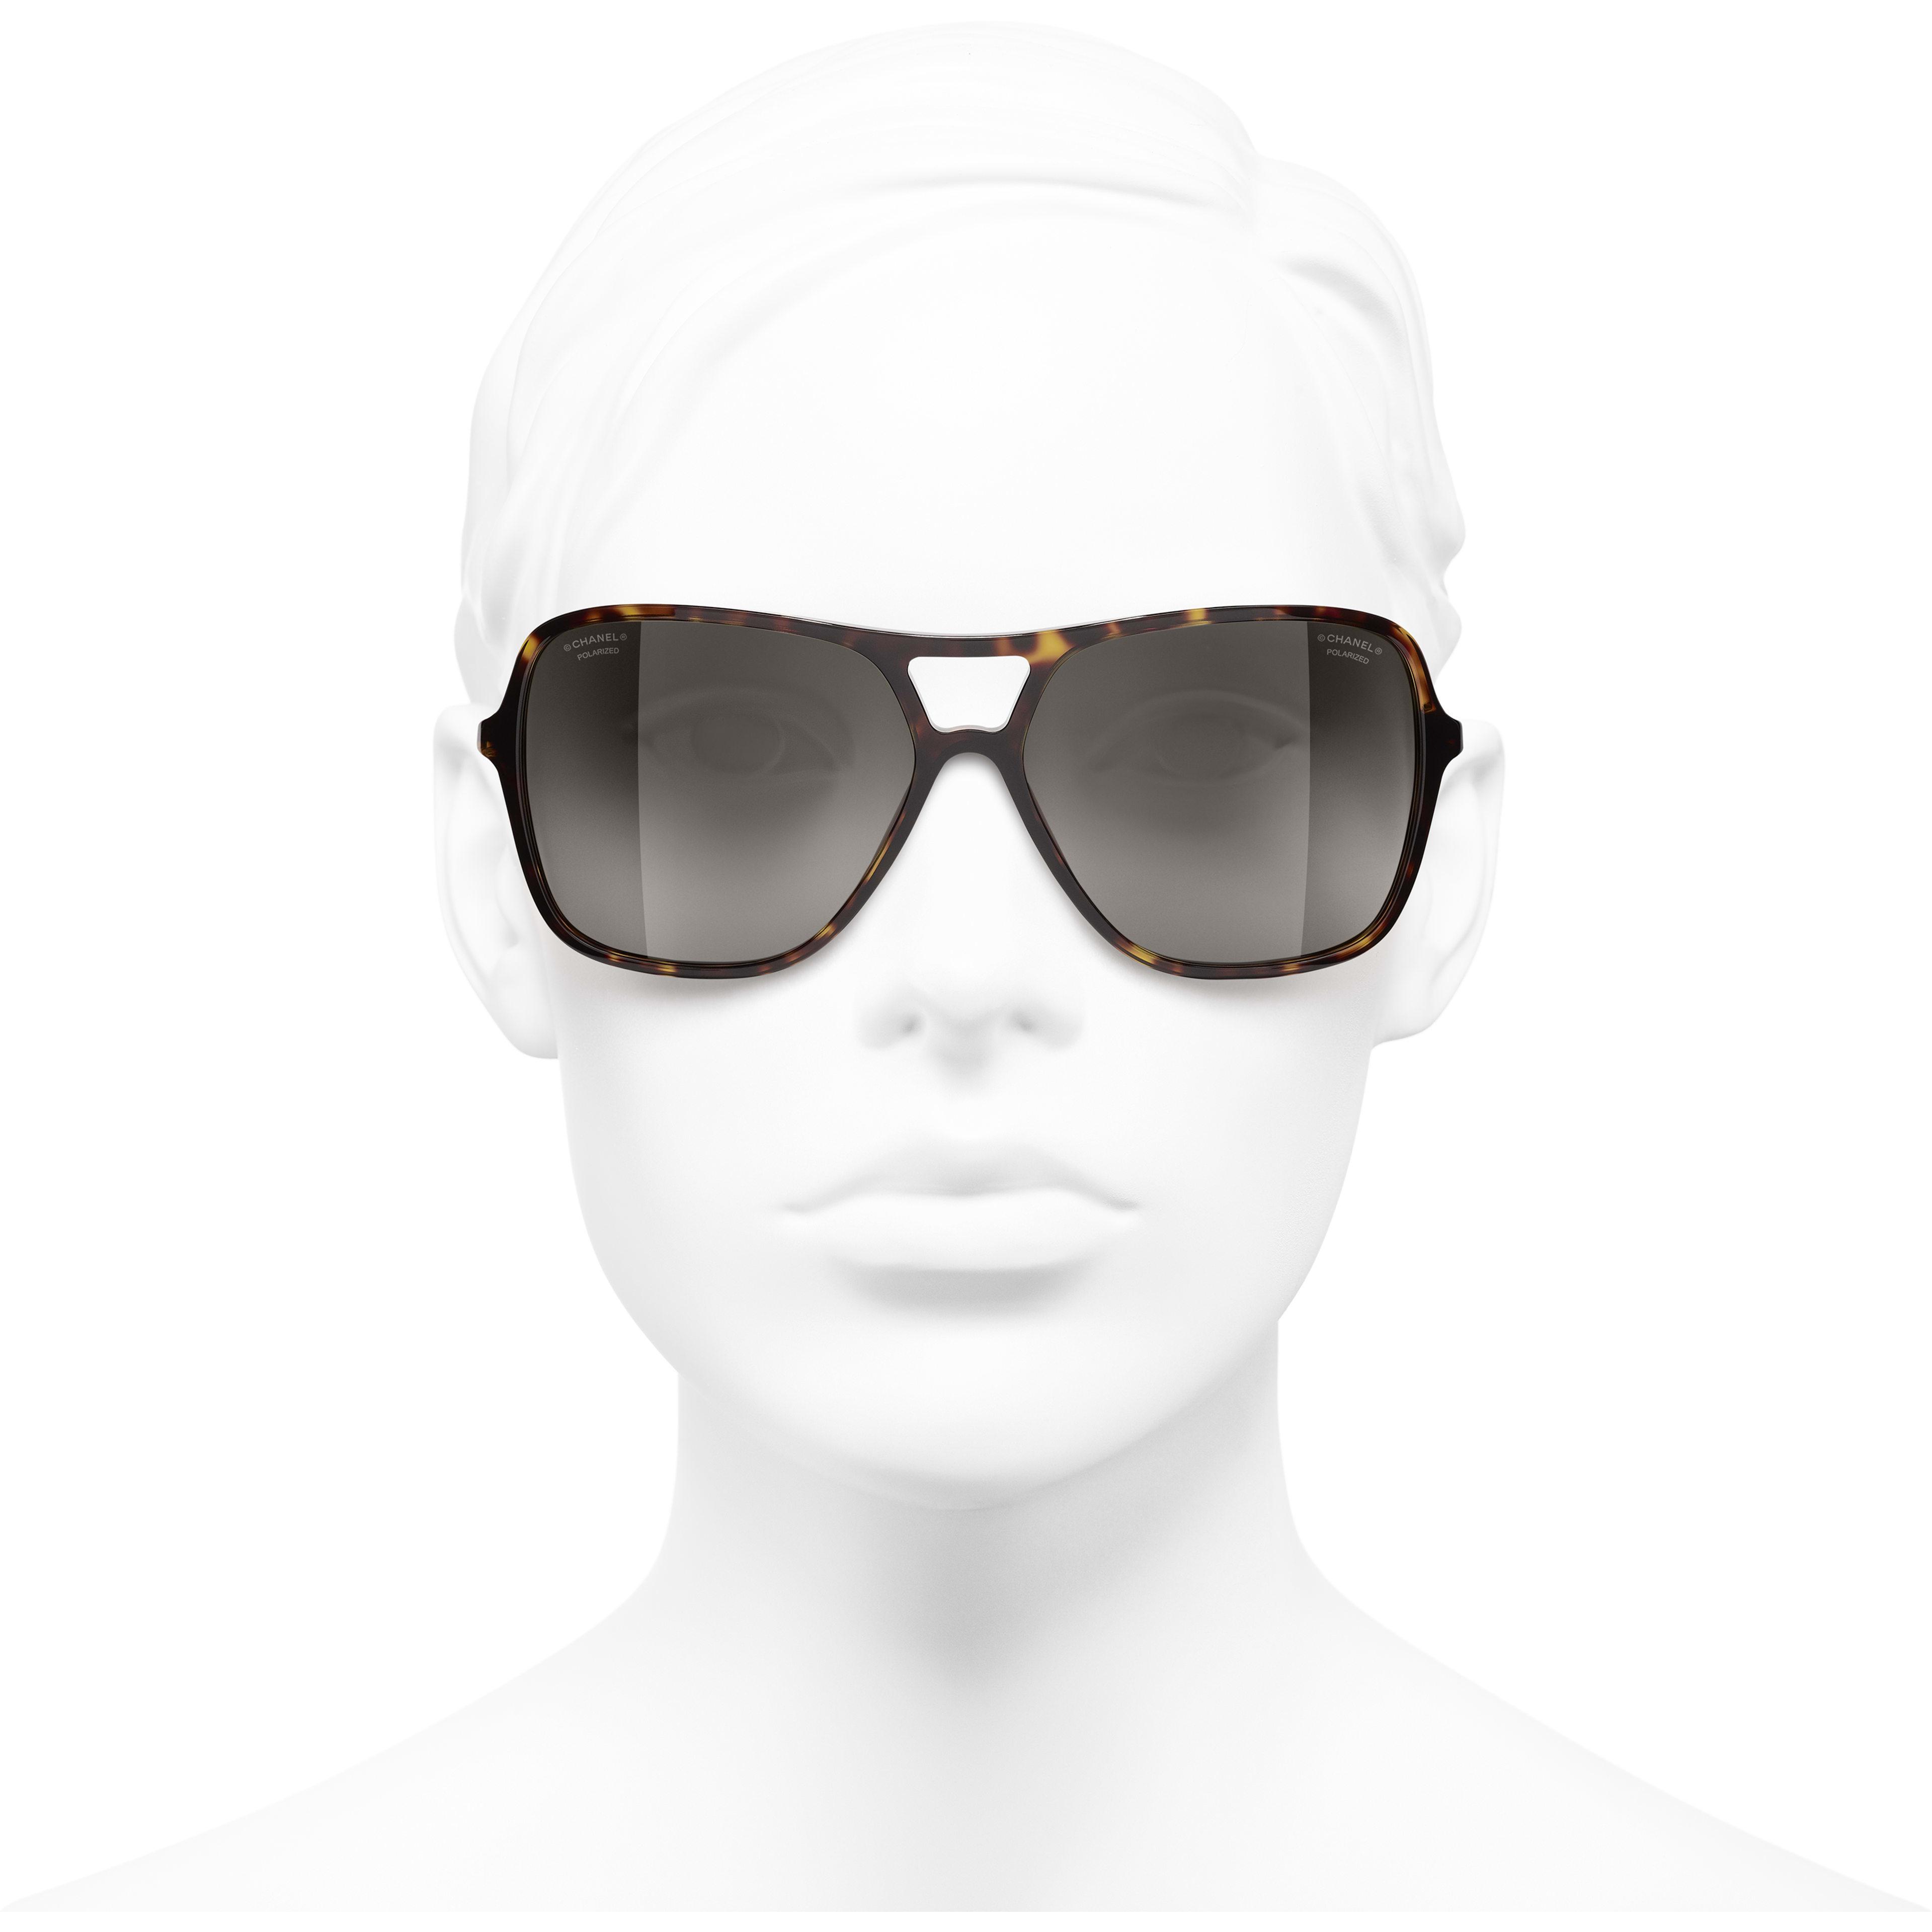 Occhiali  modello pilota da sole - Tartaruga scuro - Metallo & pelle - CHANEL - Immagine frontale articolo indossato - vedere versione standard